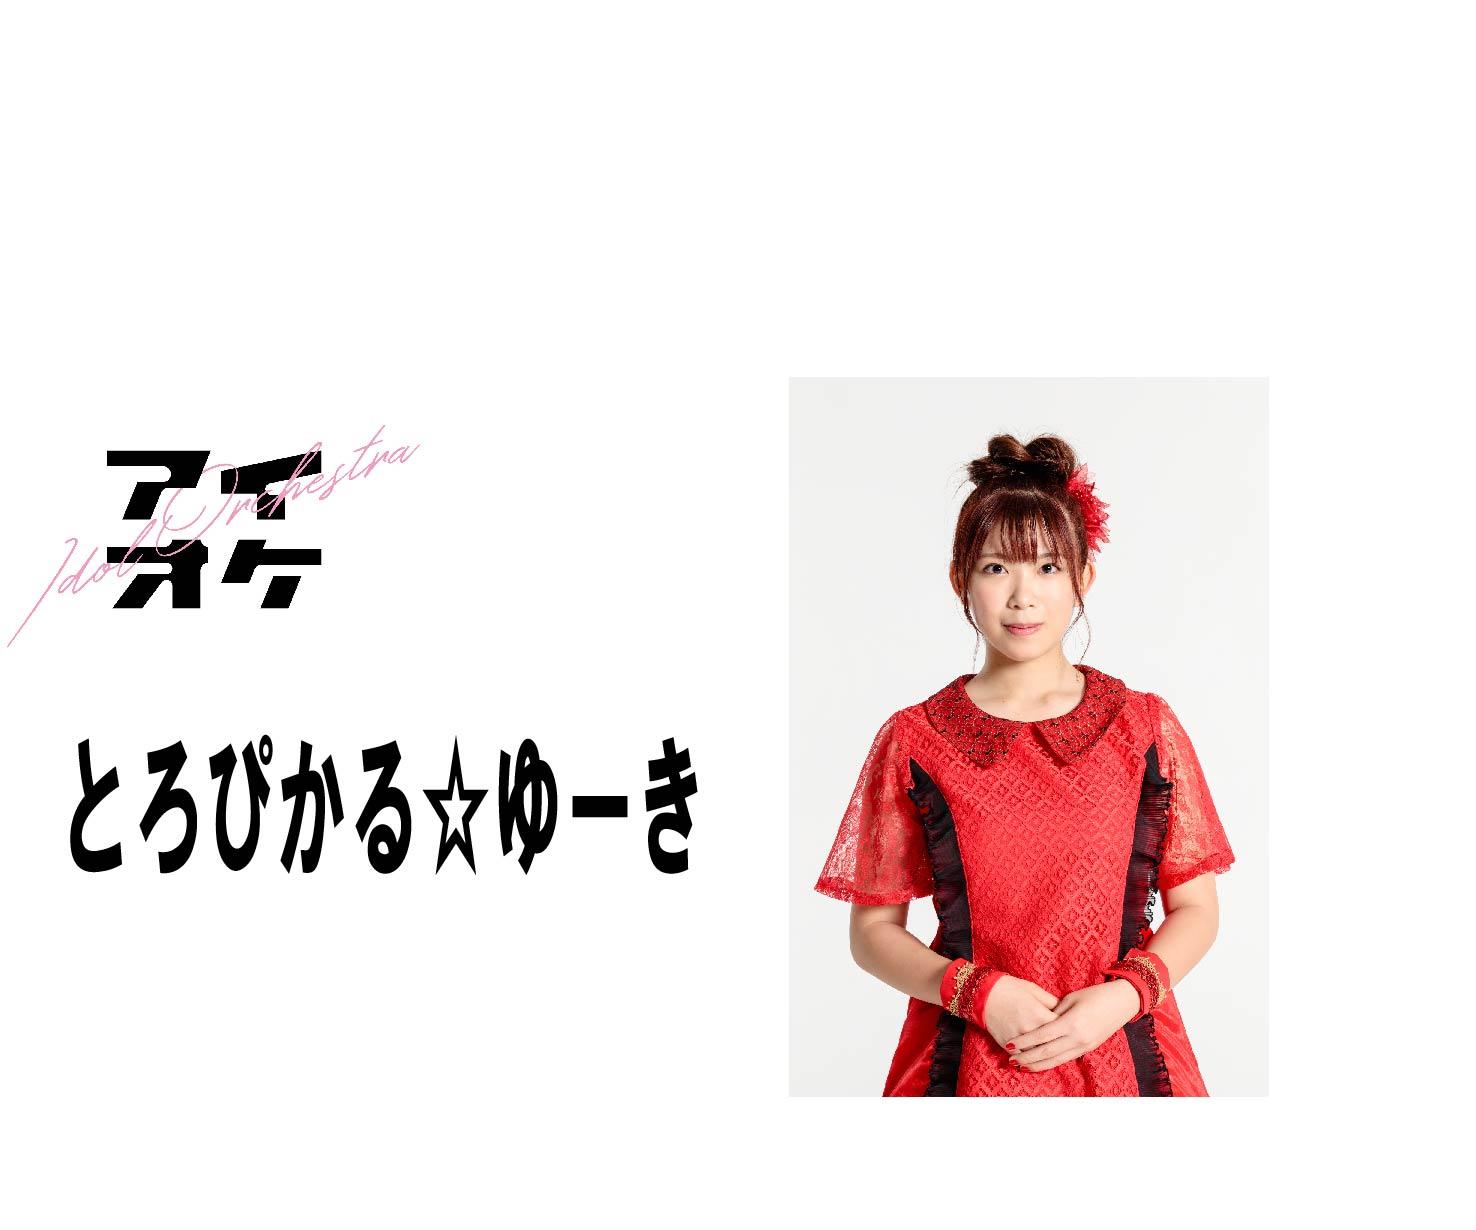 【10月4日】ボンバー☆ゆーきチェキ券